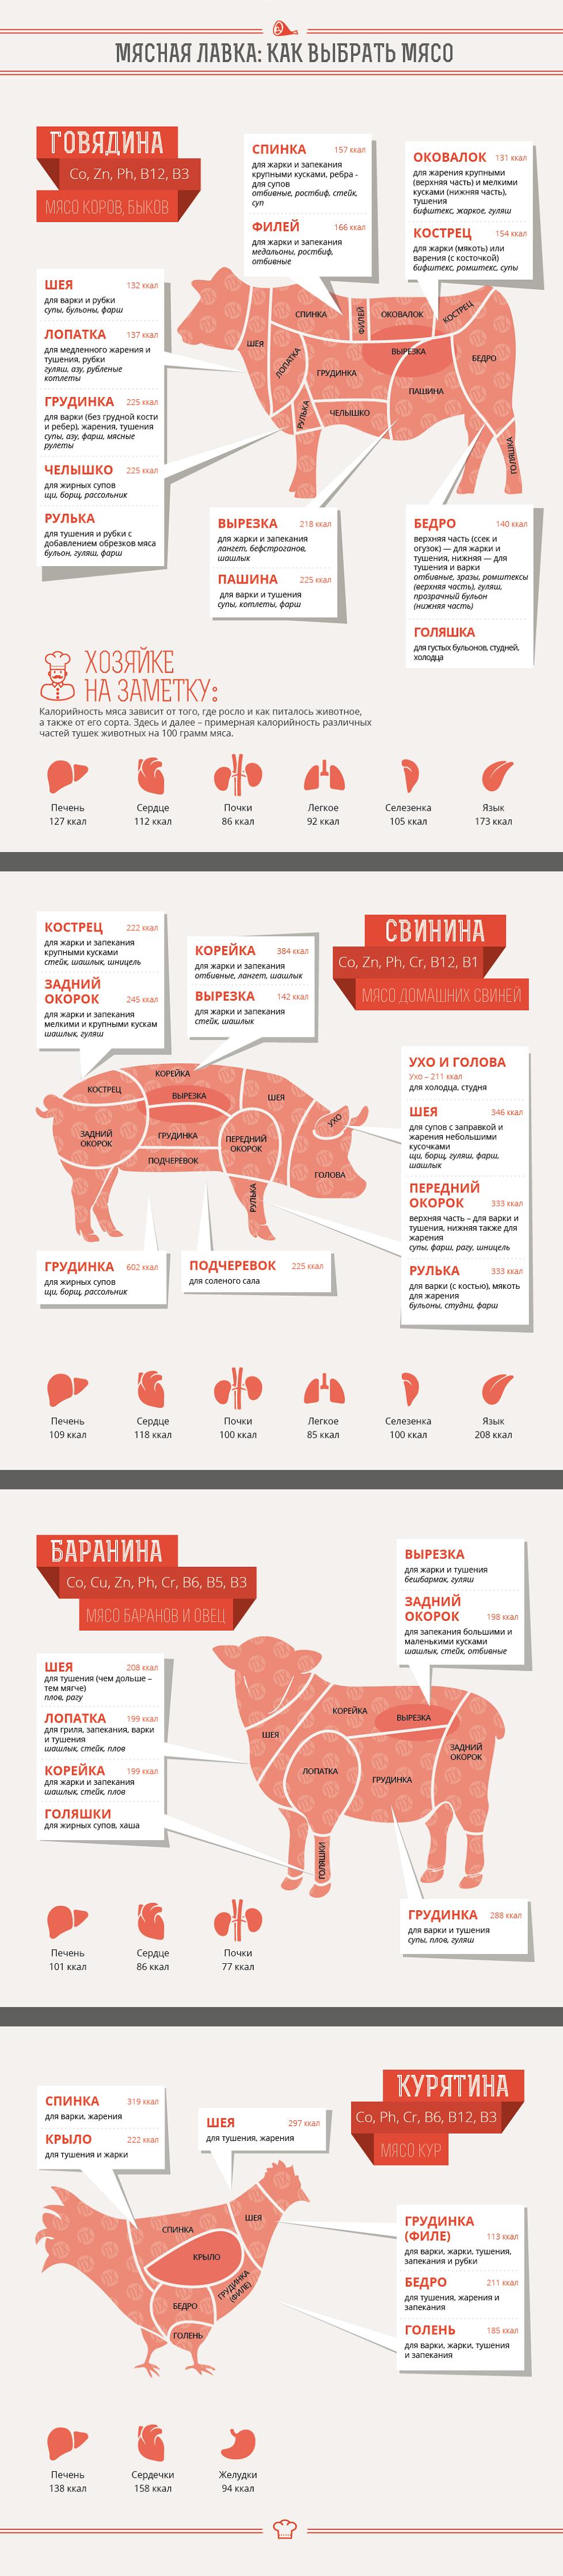 узнать почему мясо